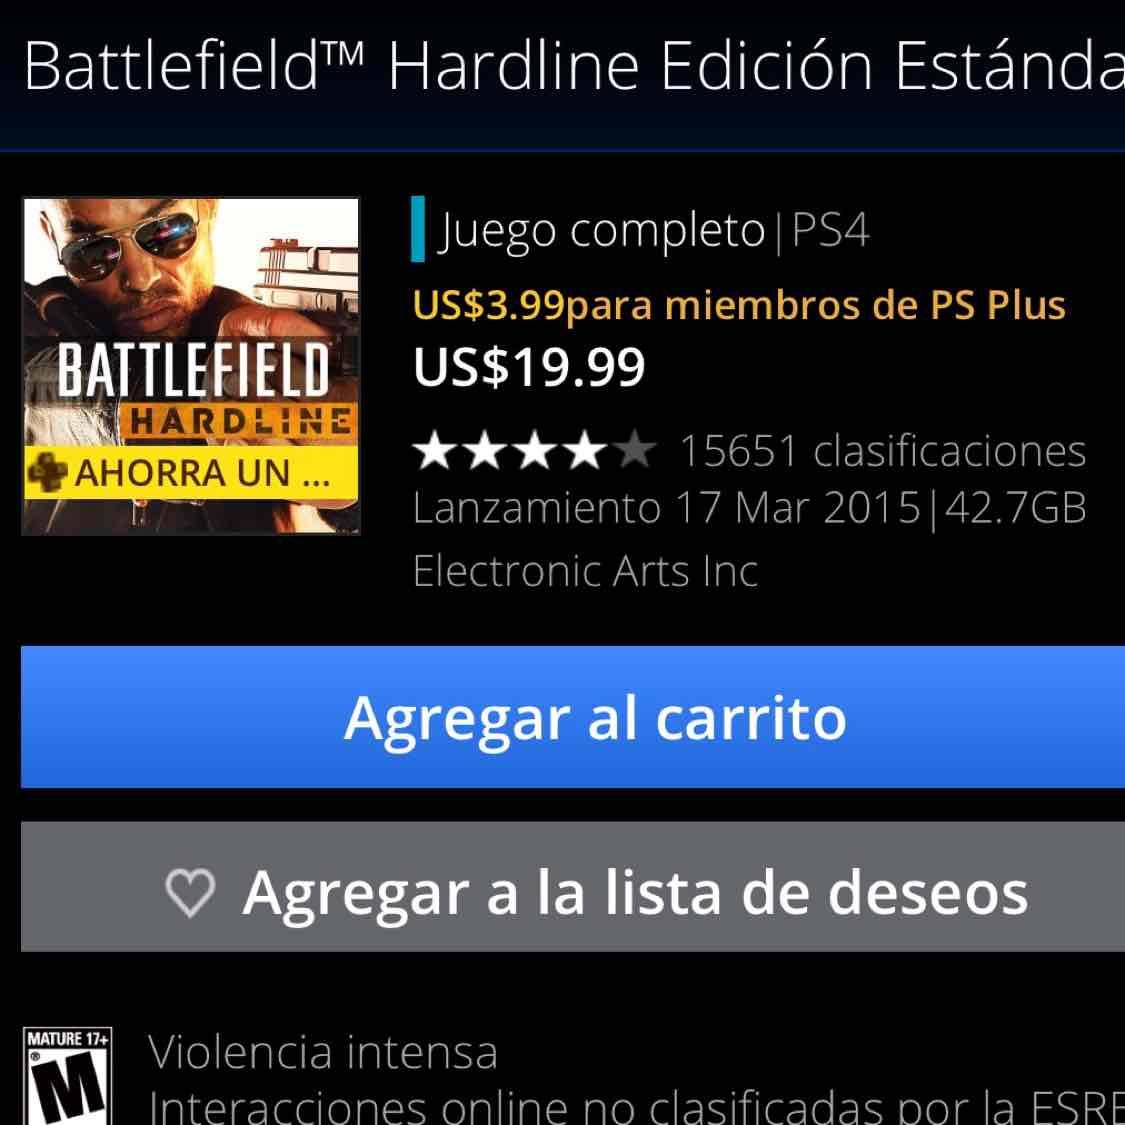 PS Store: Miembros PS Plus juego Battlefield Hardline para PS4 y PS3 a 3.99 USD